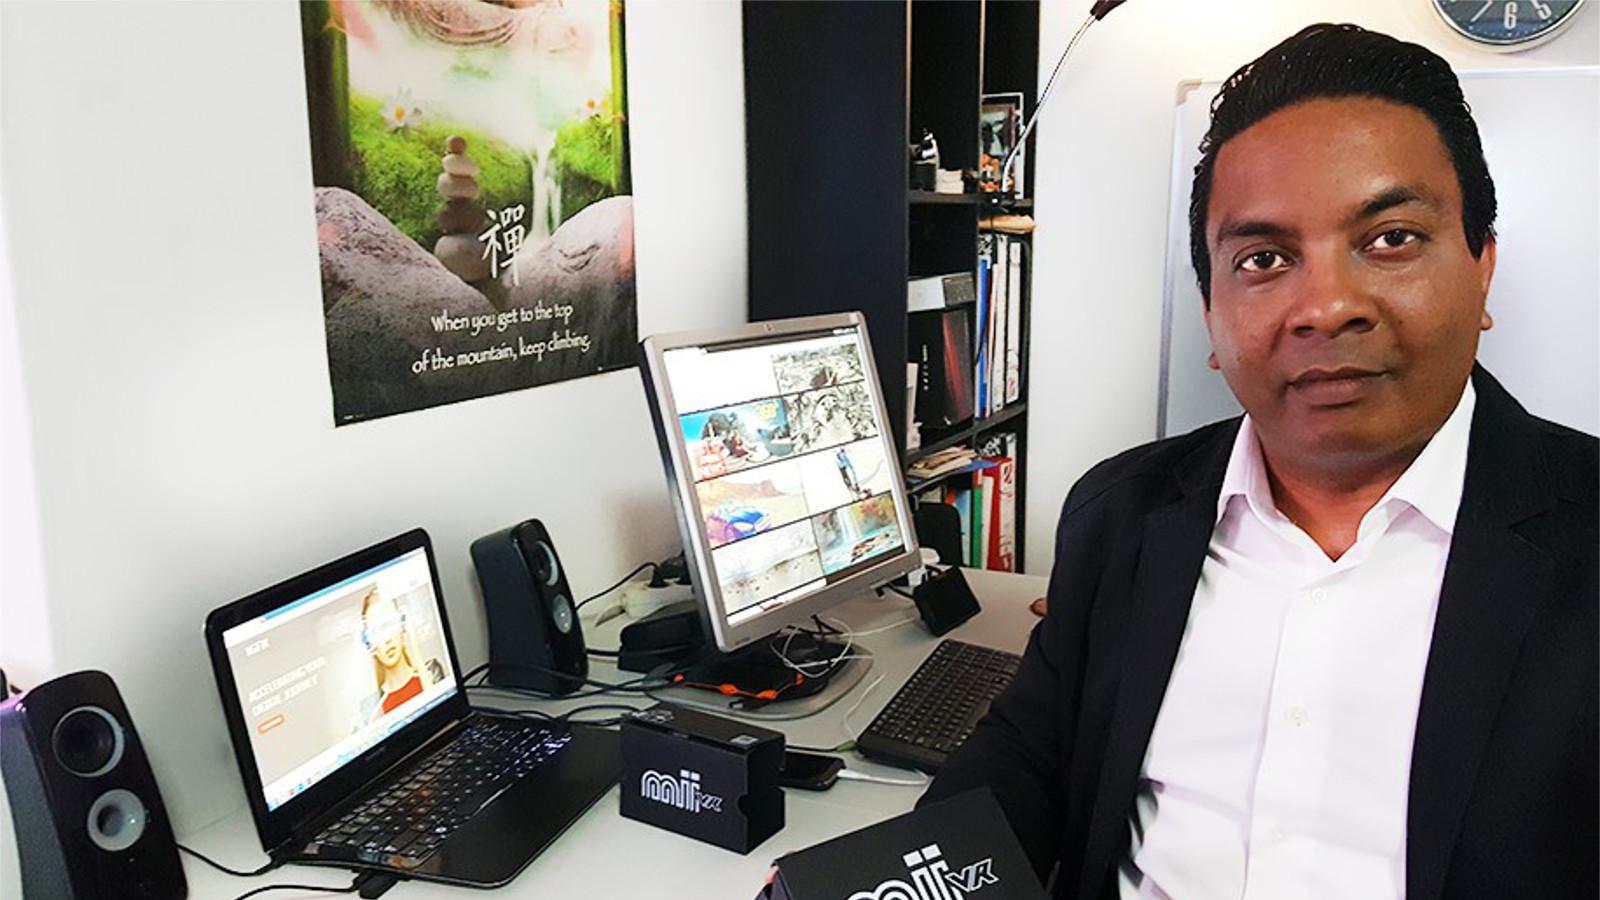 François Mark entrepreneur